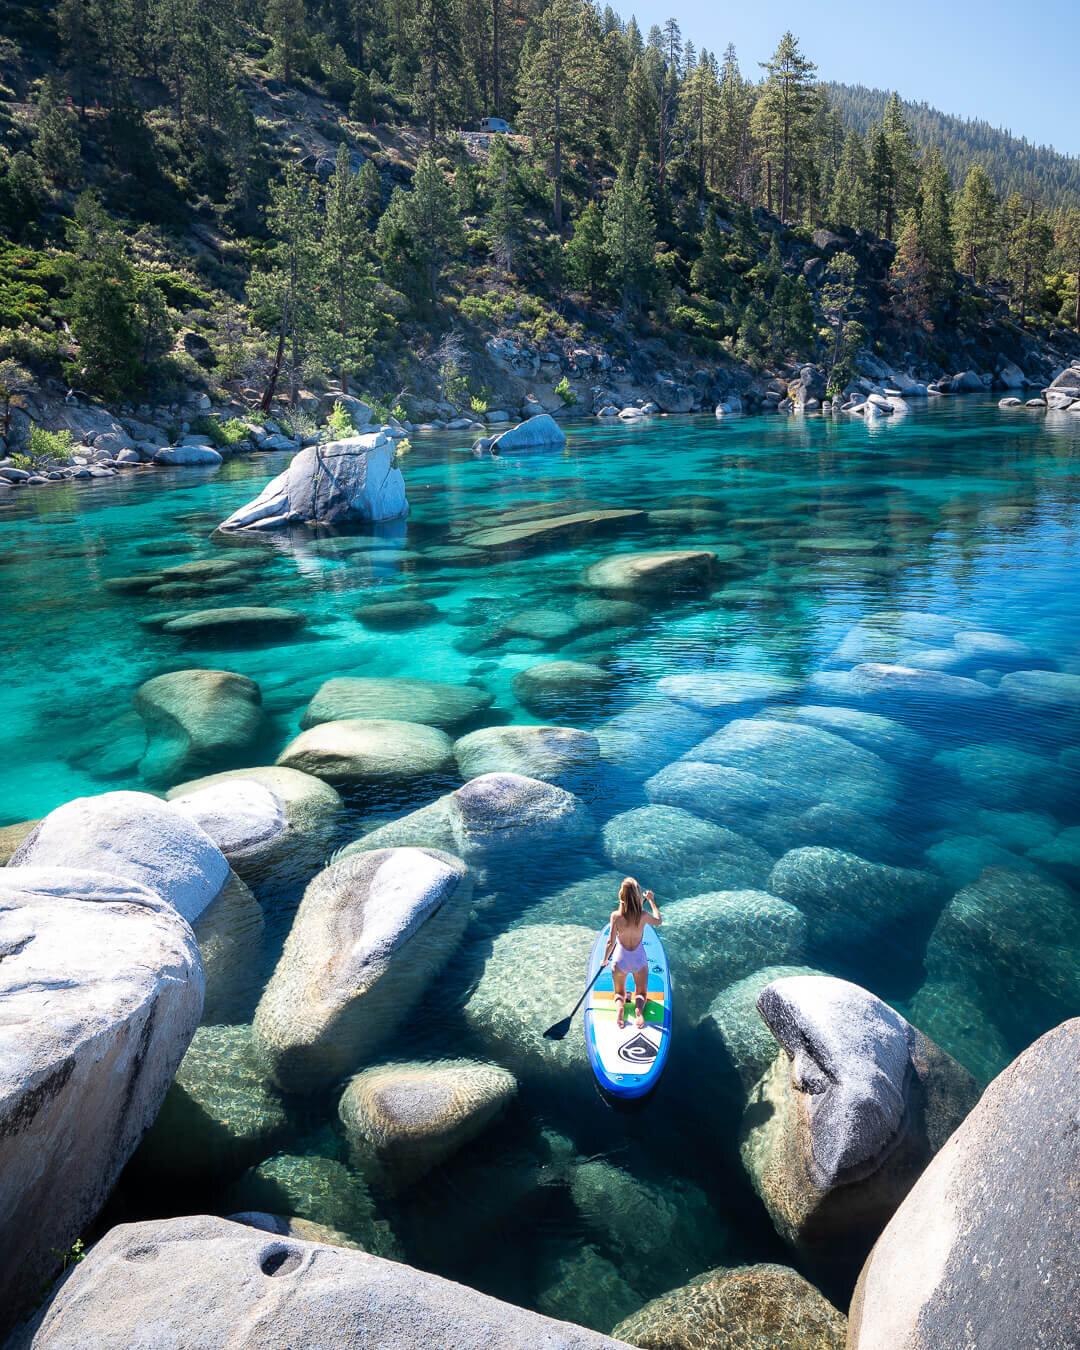 Paddle boarding at Lake Tahoe.